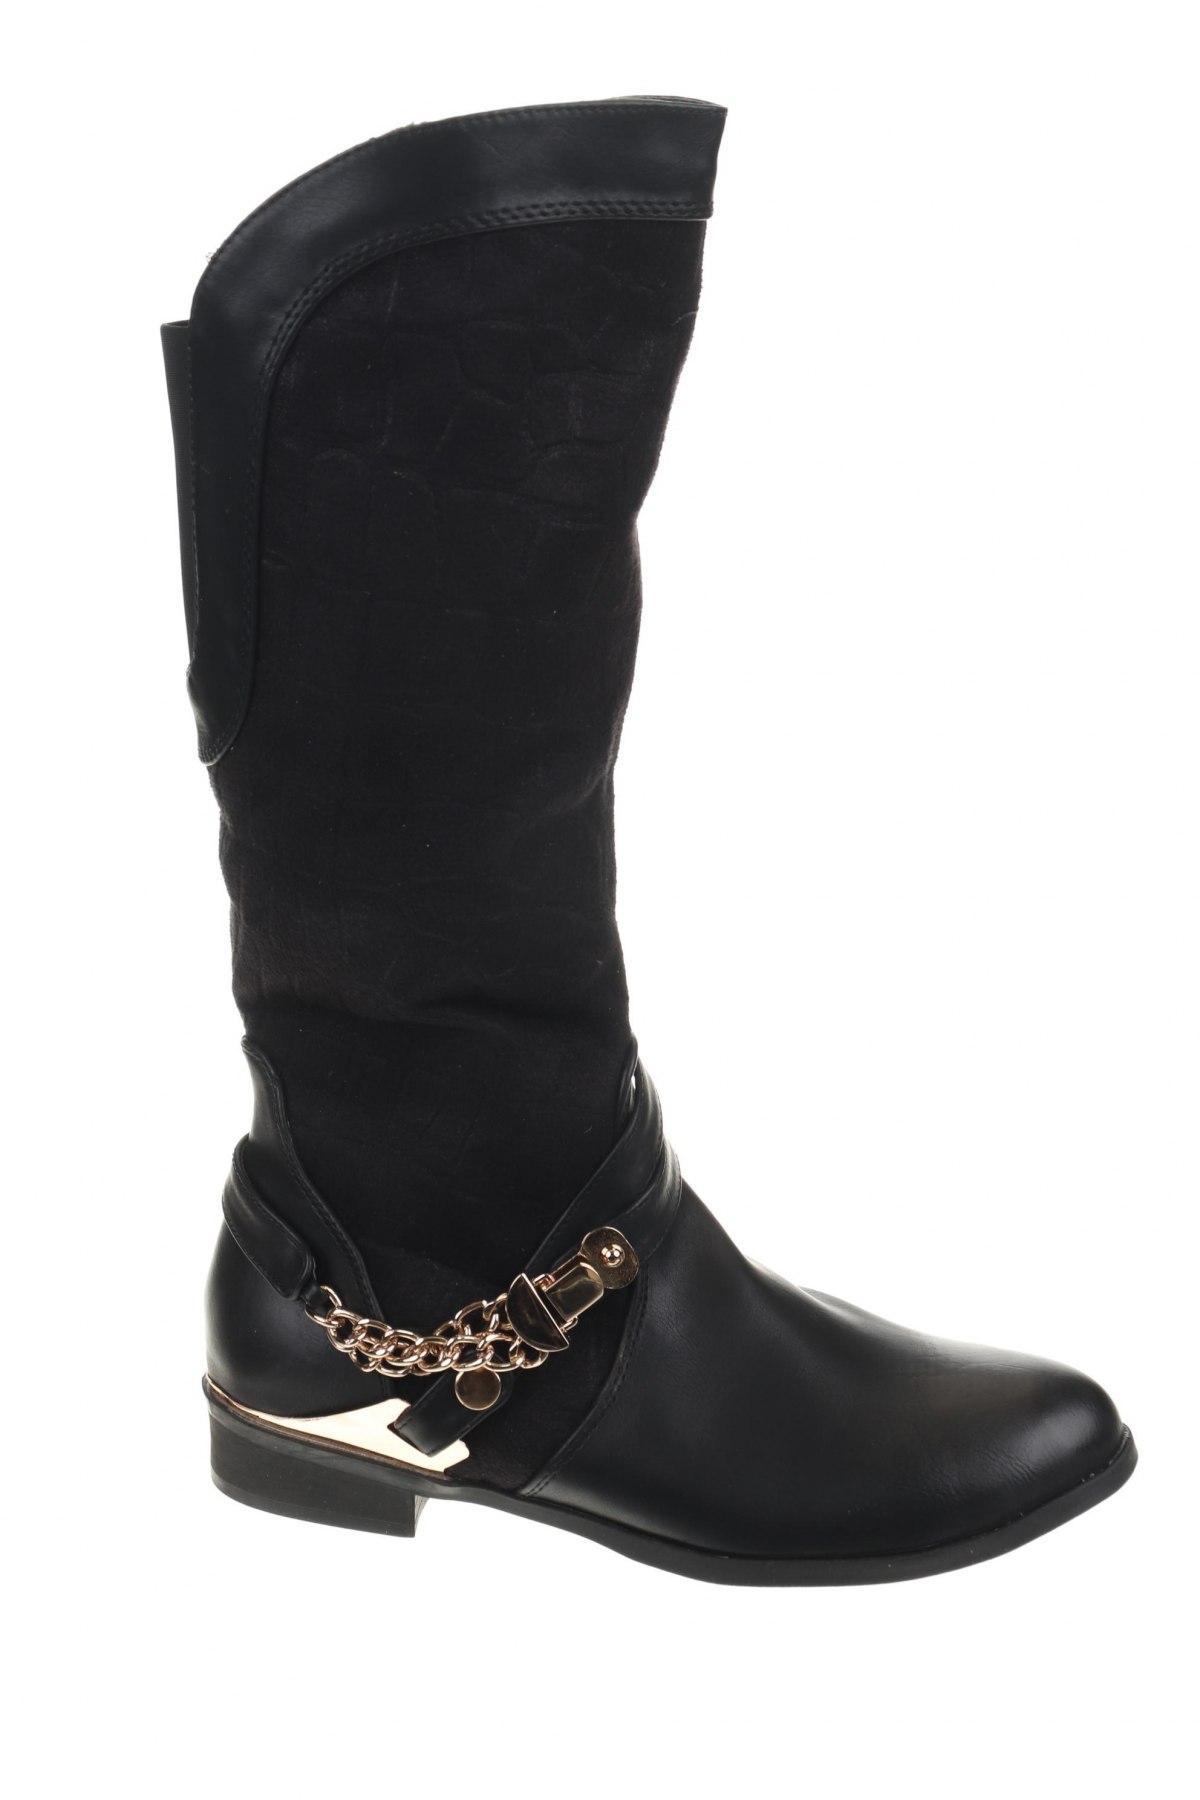 Γυναικείες μπότες La Bottine Souriante, Μέγεθος 38, Χρώμα Μαύρο, Κλωστοϋφαντουργικά προϊόντα, δερματίνη, Τιμή 12,37€